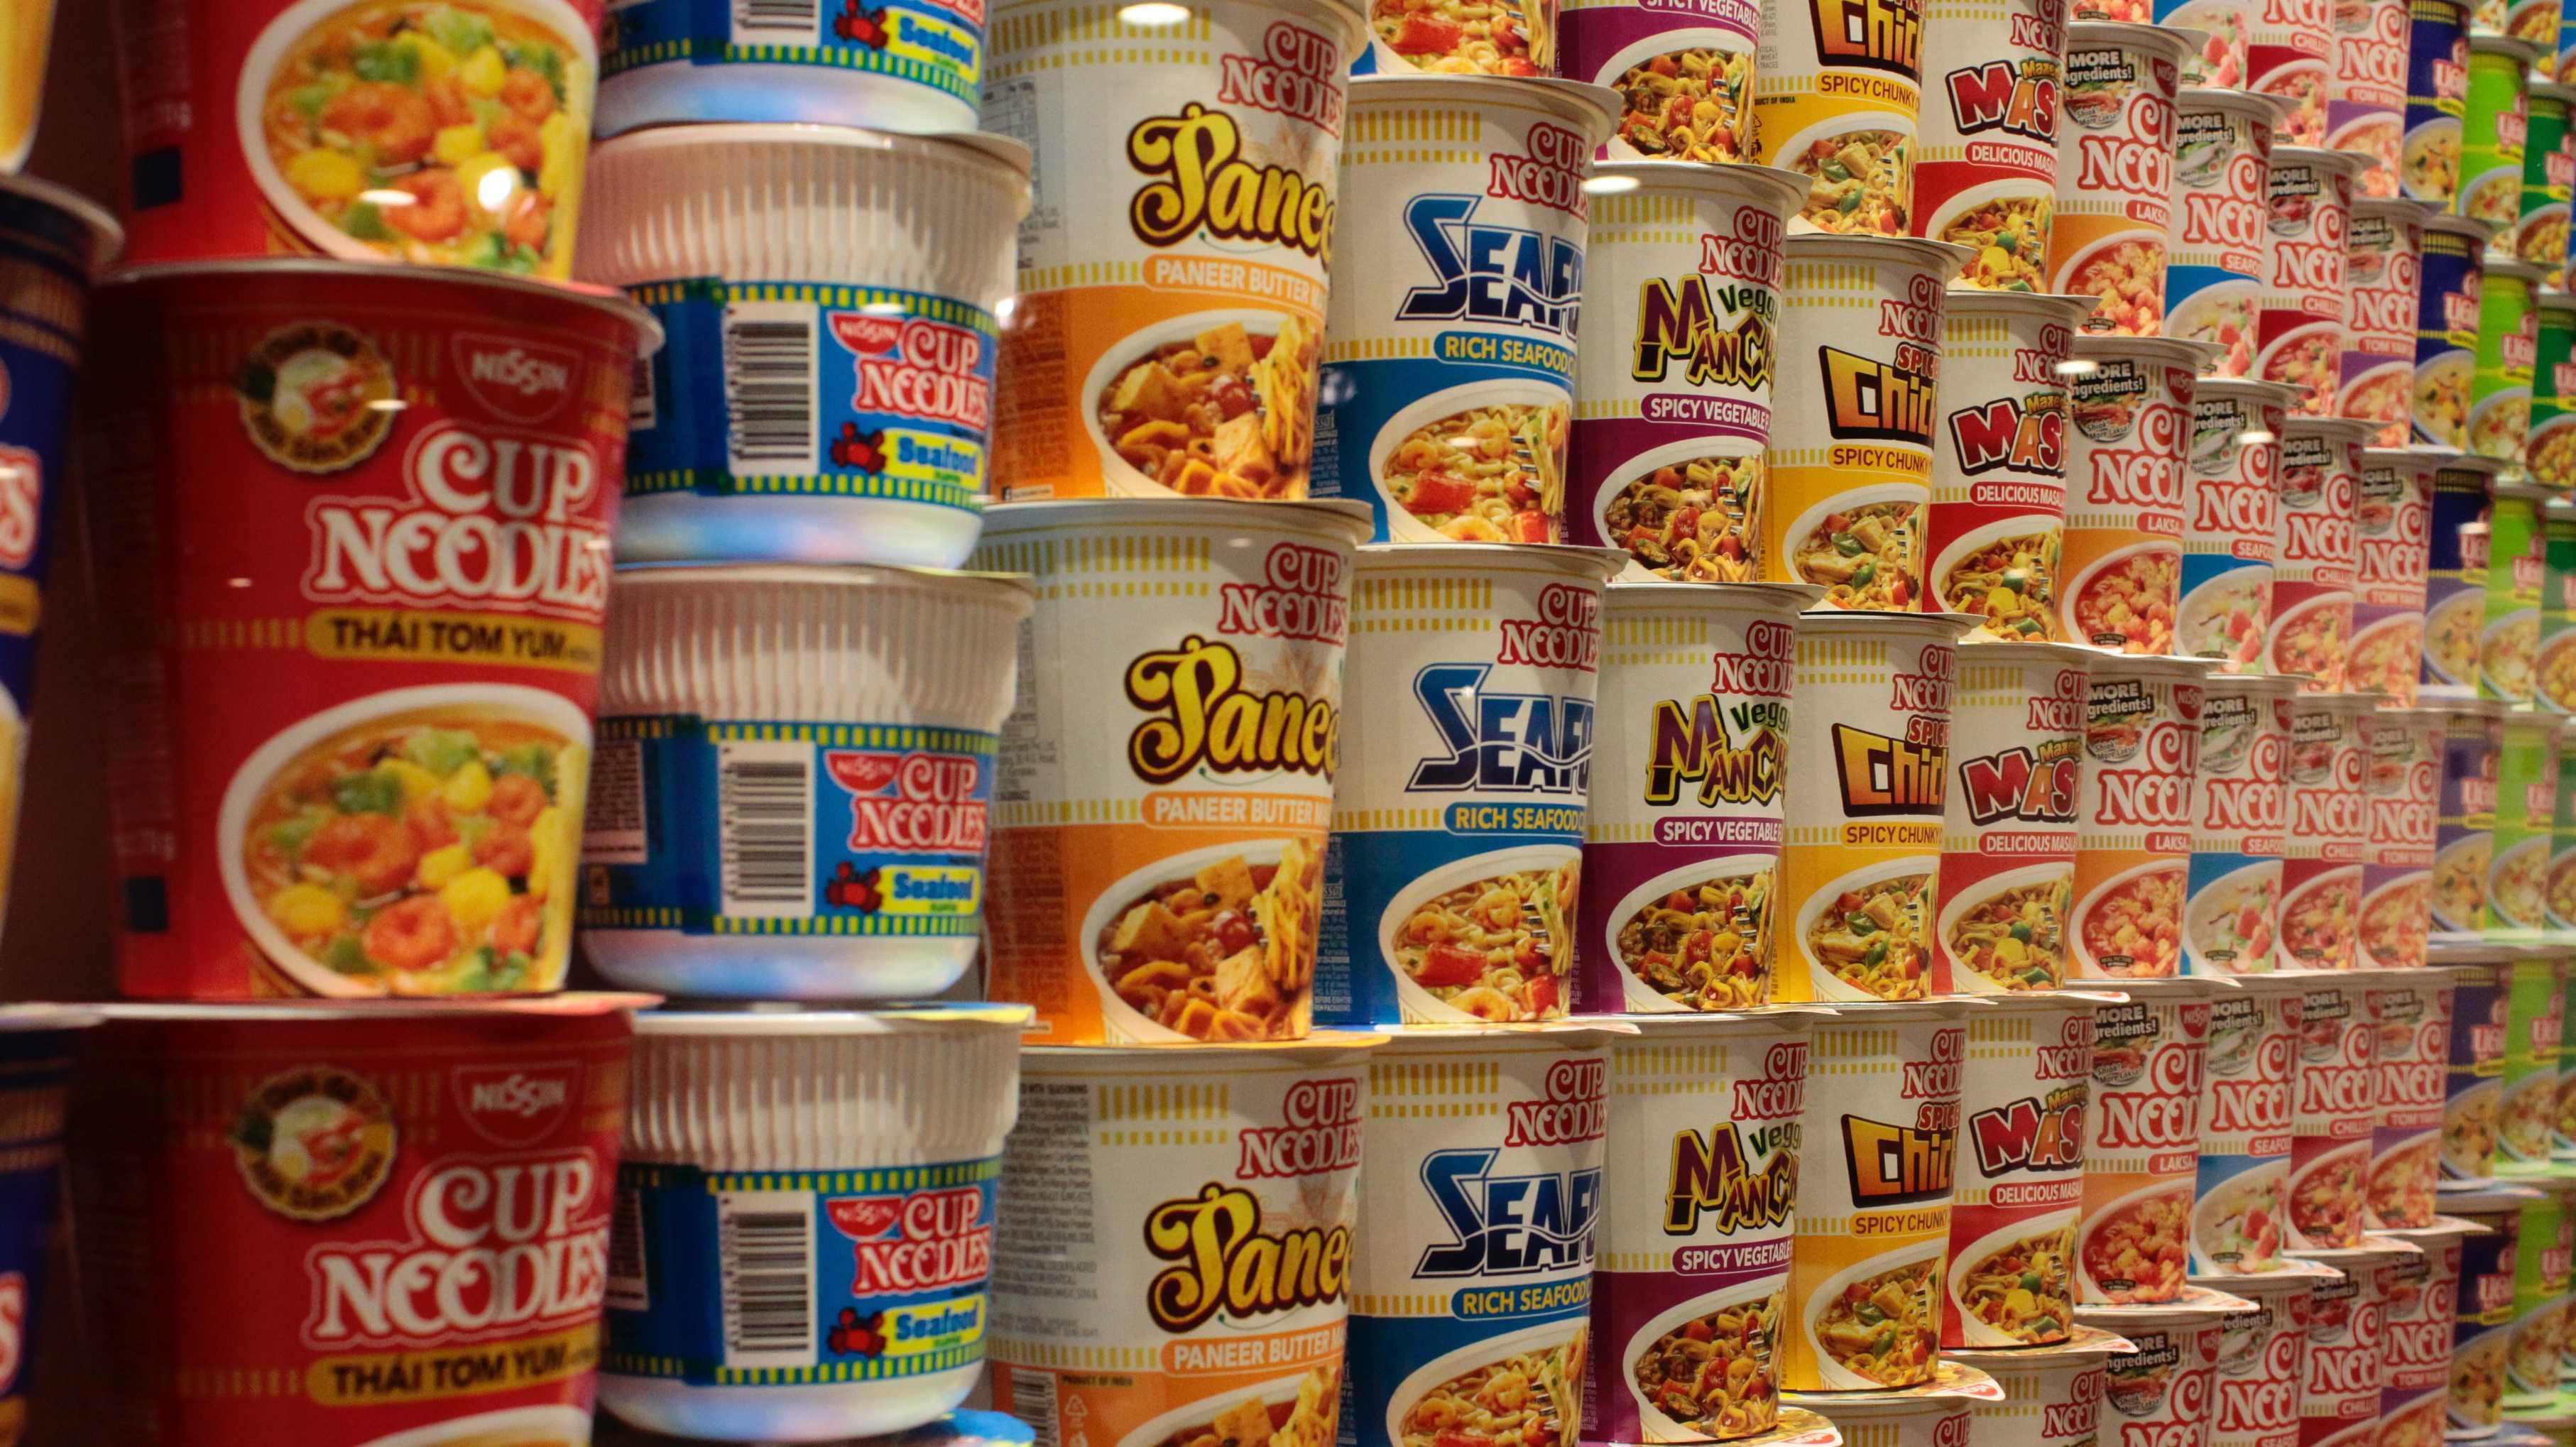 cup noodles, instant noodles, instant ramen